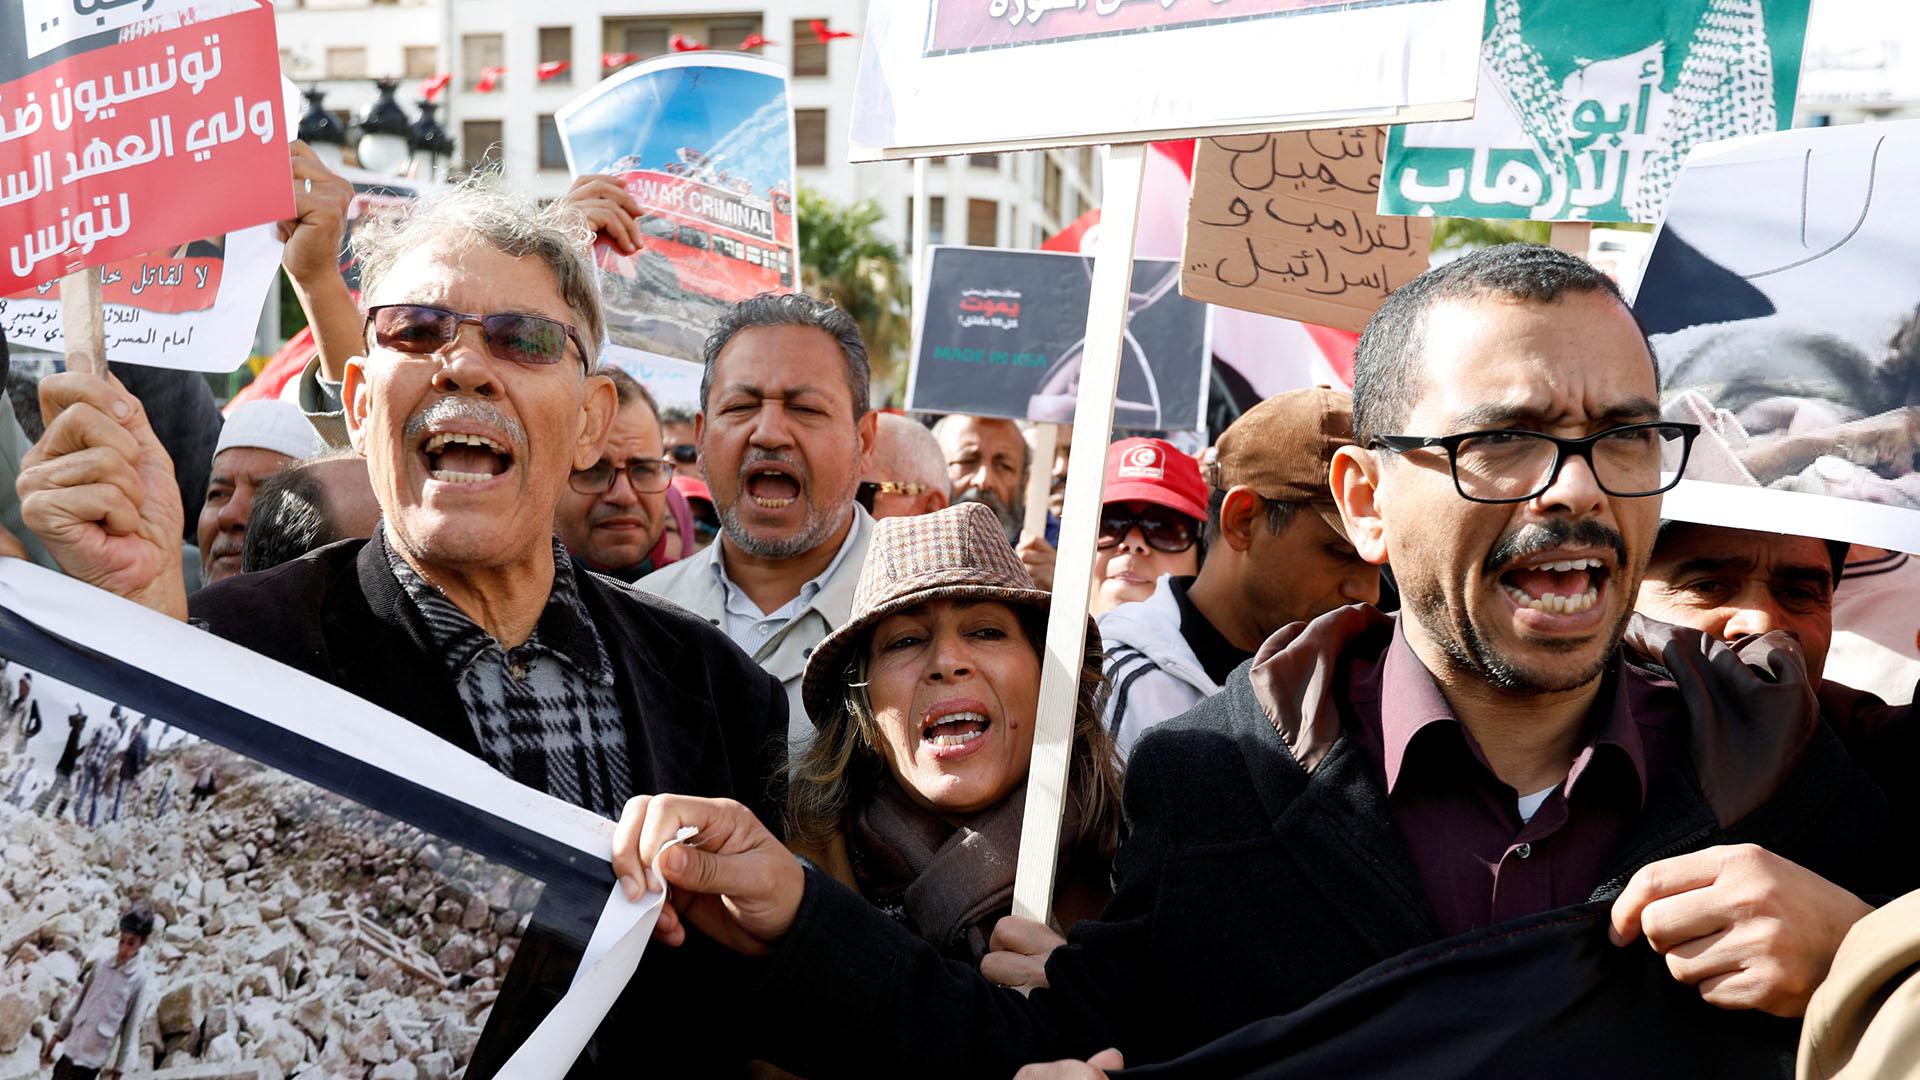 Protestas en Túnez contra Mohamed bin Salman (REUTERS/Zoubeir Souissi)